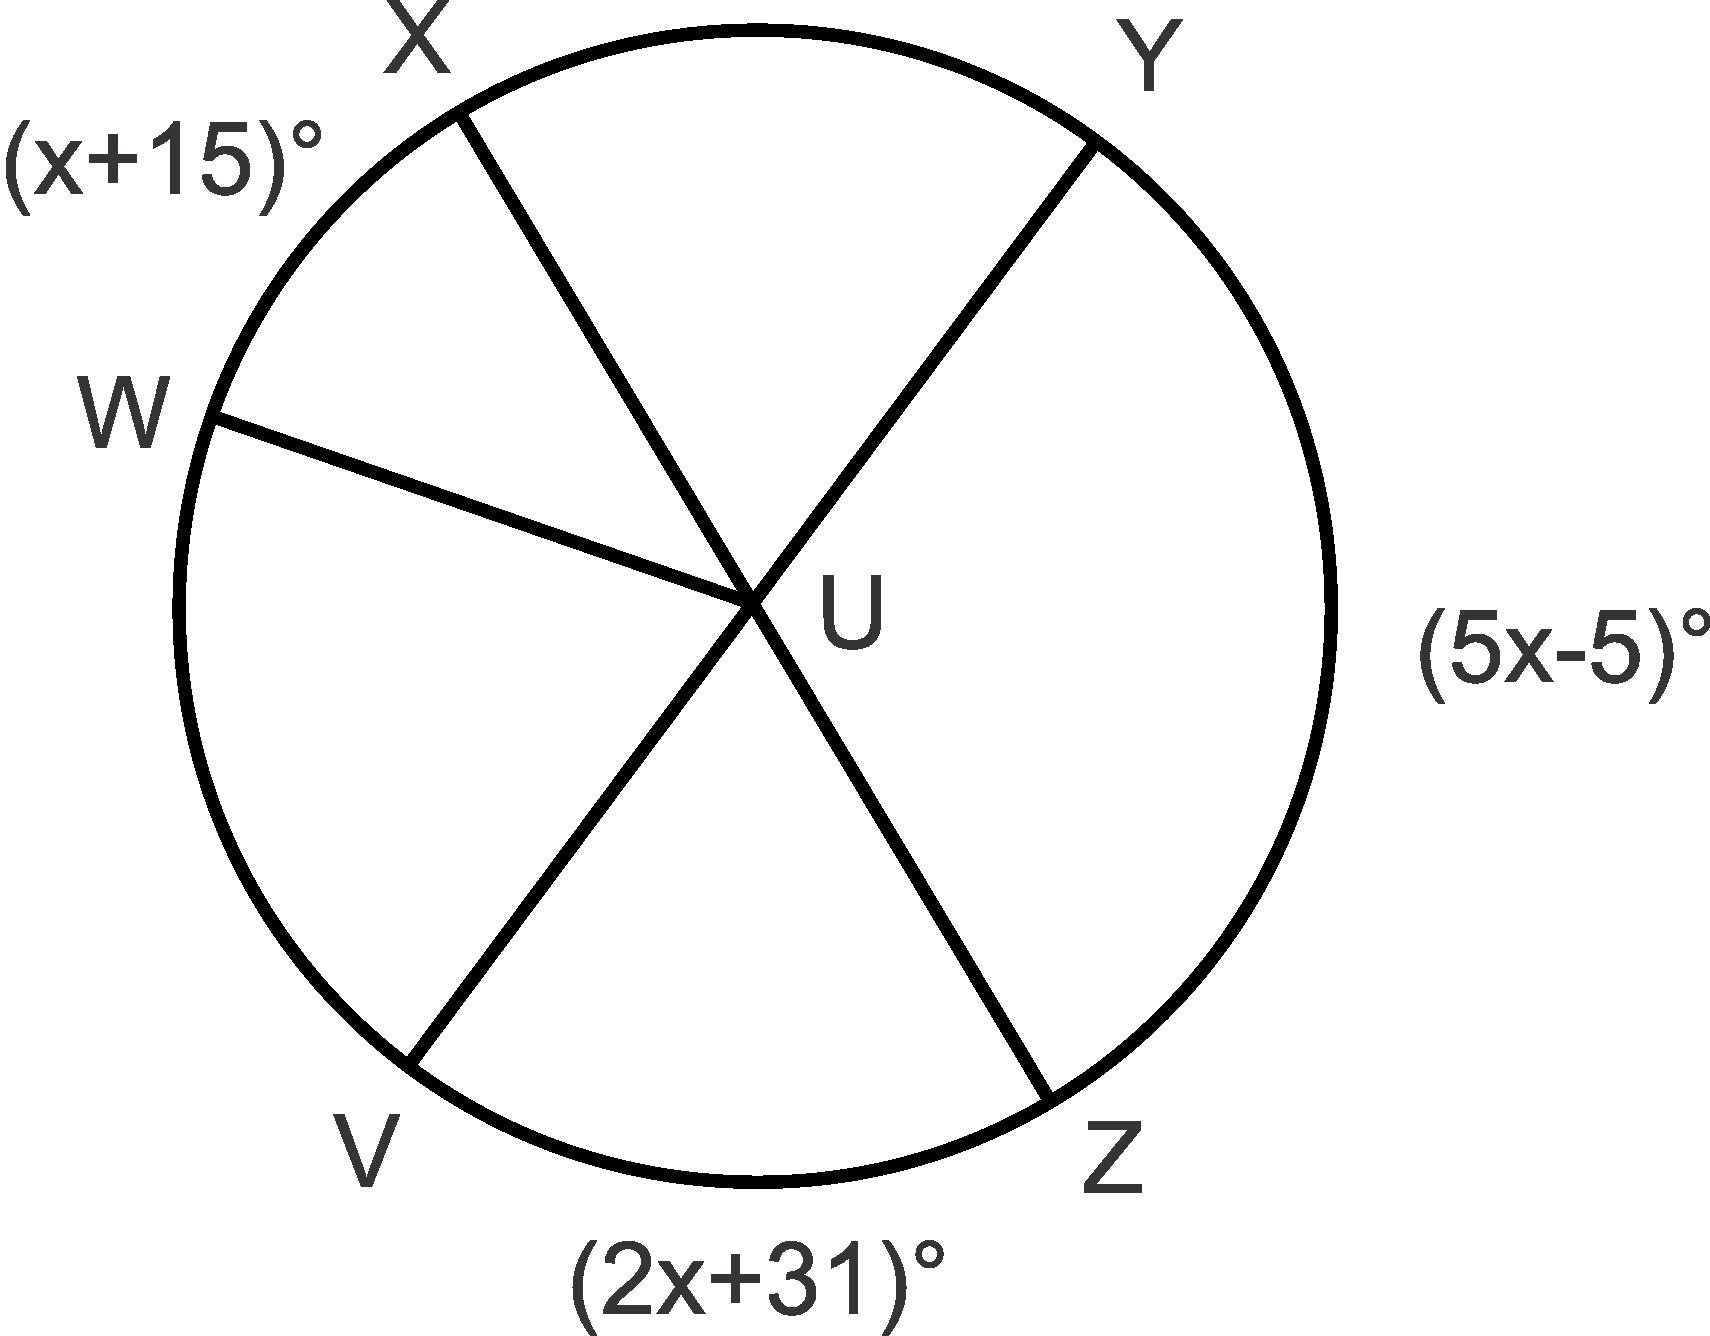 congruent segments diagram